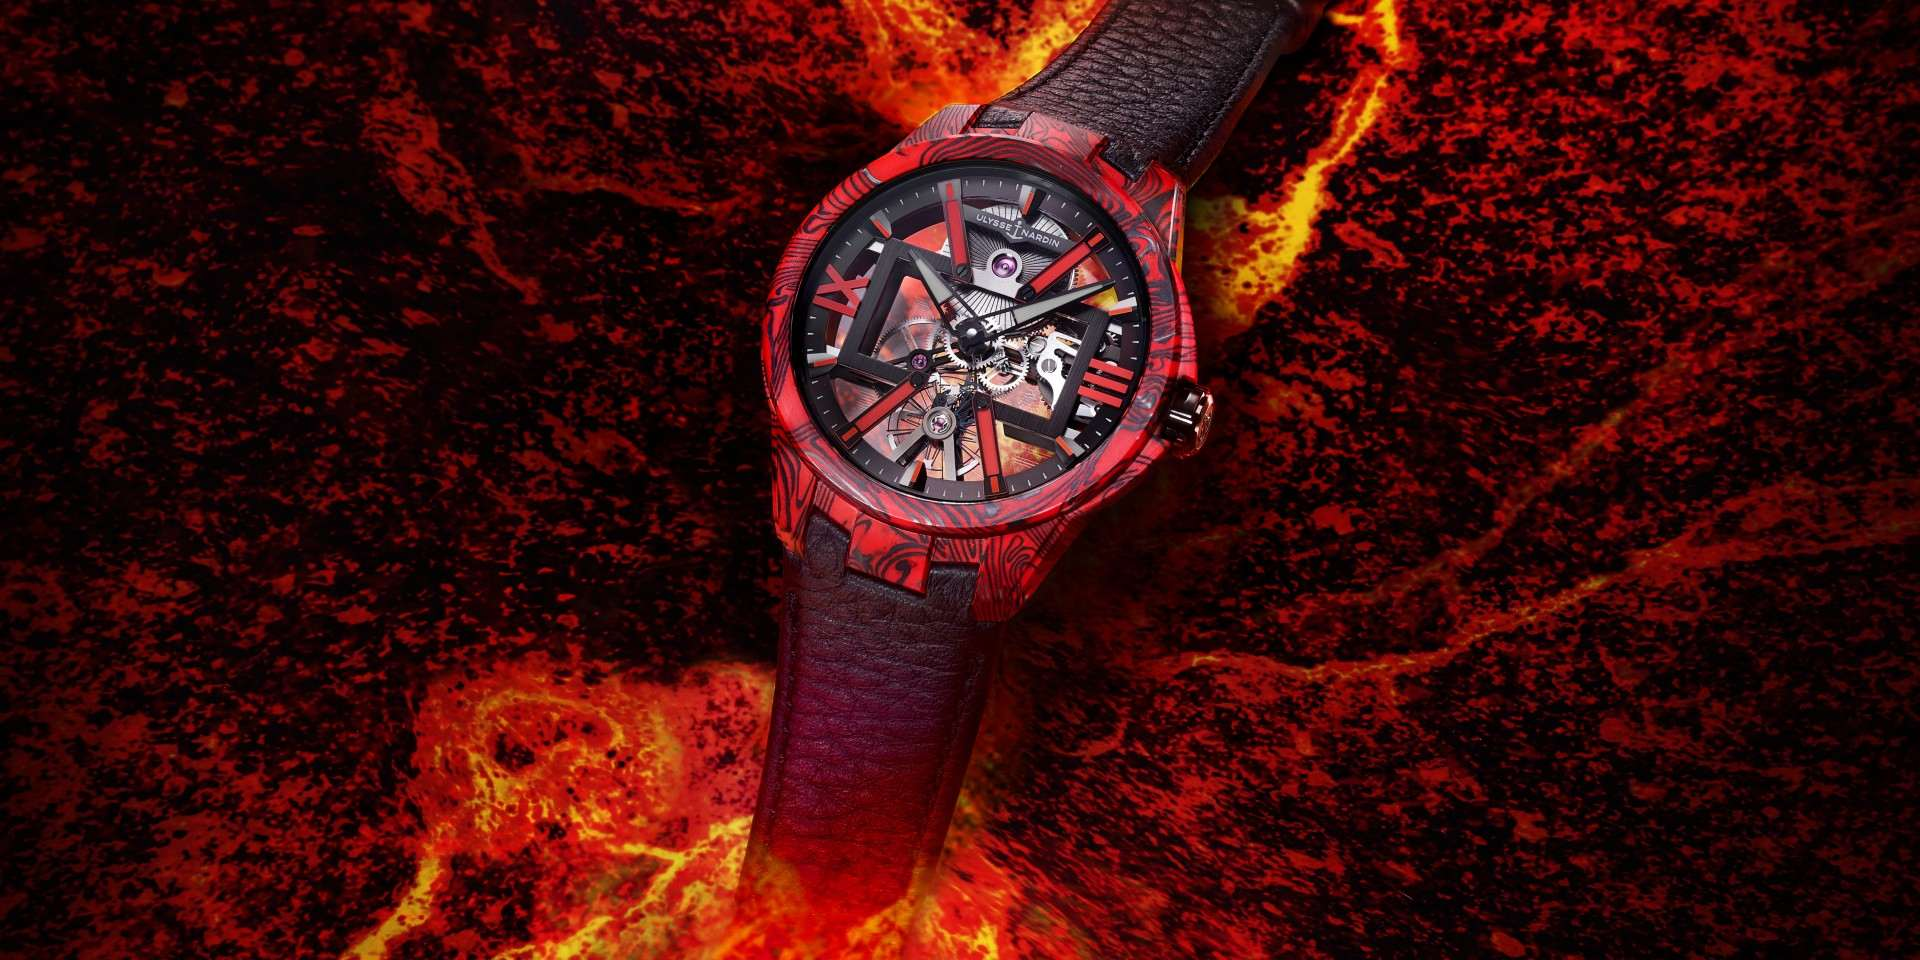 有如火山爆發的熱情時刻:Ulysse Nardin Skeleton X Magma雅典碳纖維鏤空岩漿腕錶